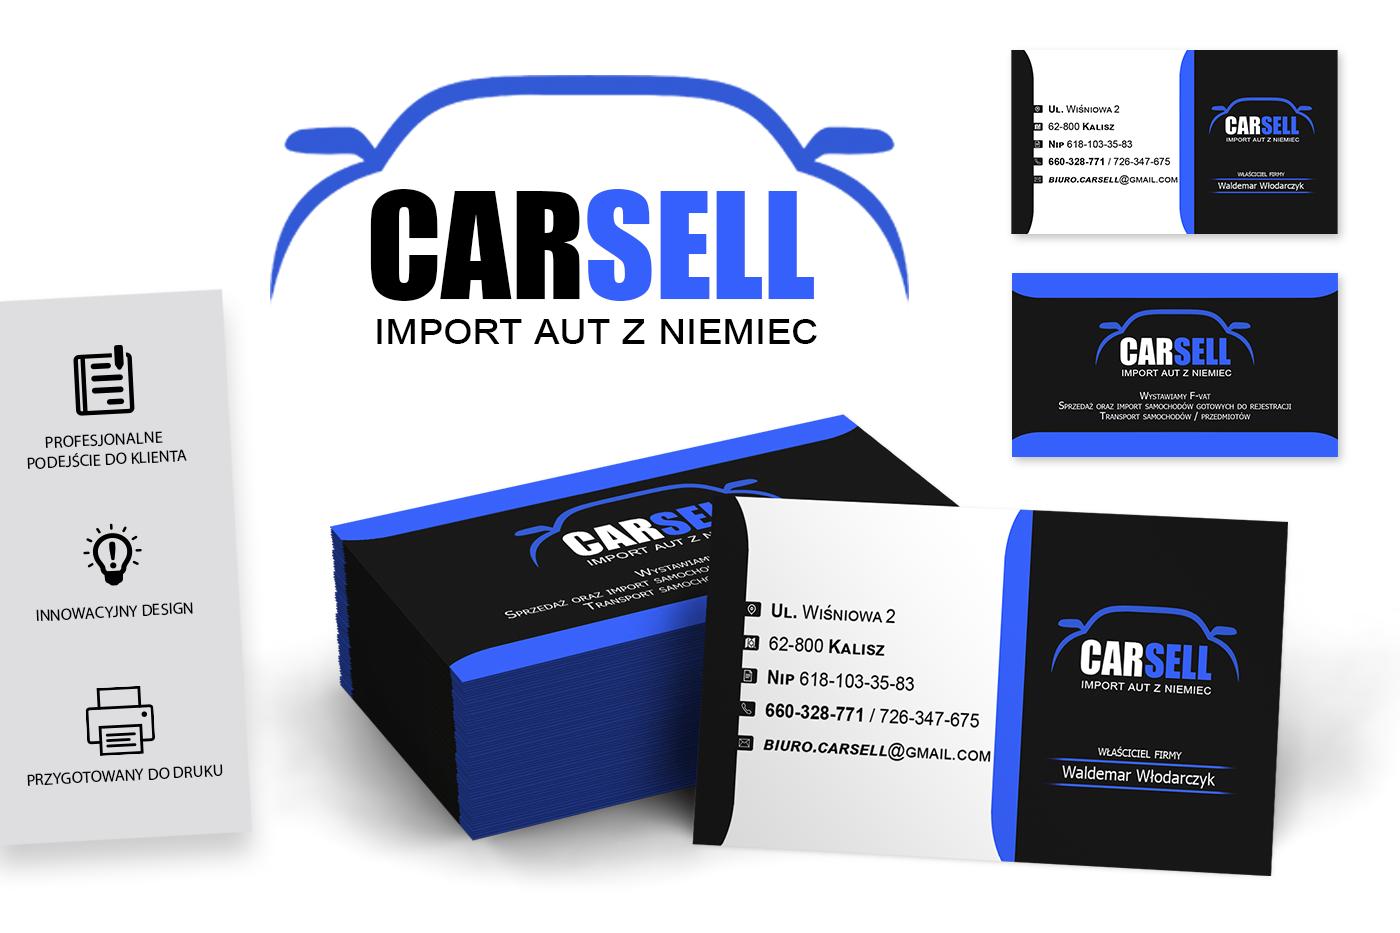 Grafika komputerowa Geek Imagination - Wizytówka firmowa importu aut z Niemiec Carsell